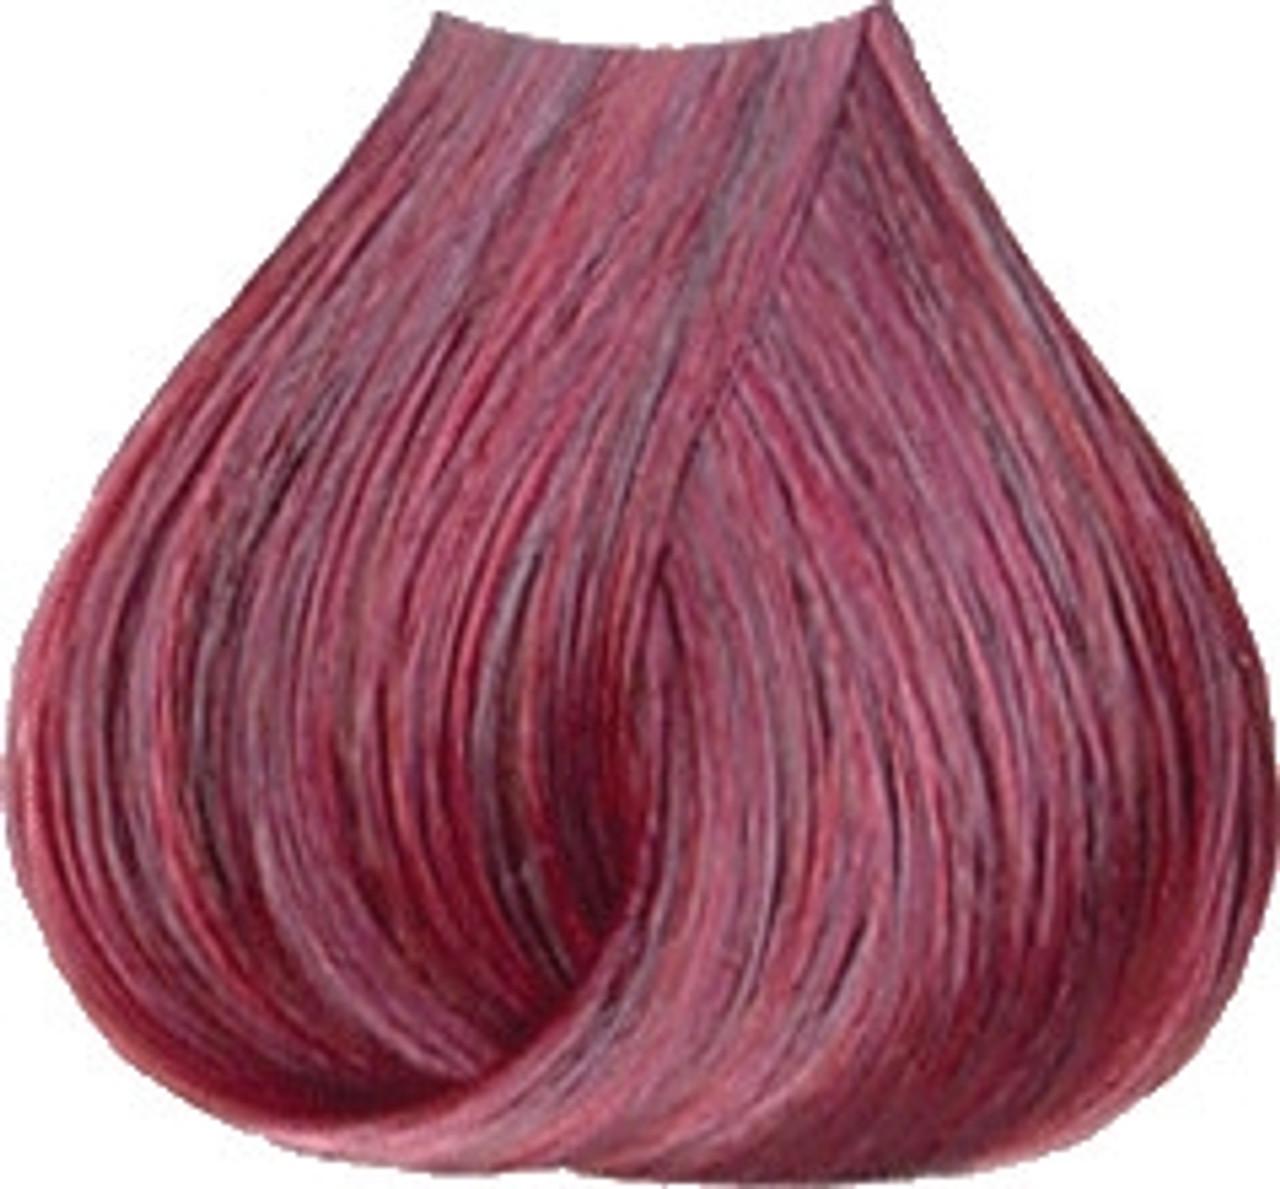 Satin Hair Color - Mahogany - 4MR Red Mahogany Chestnut